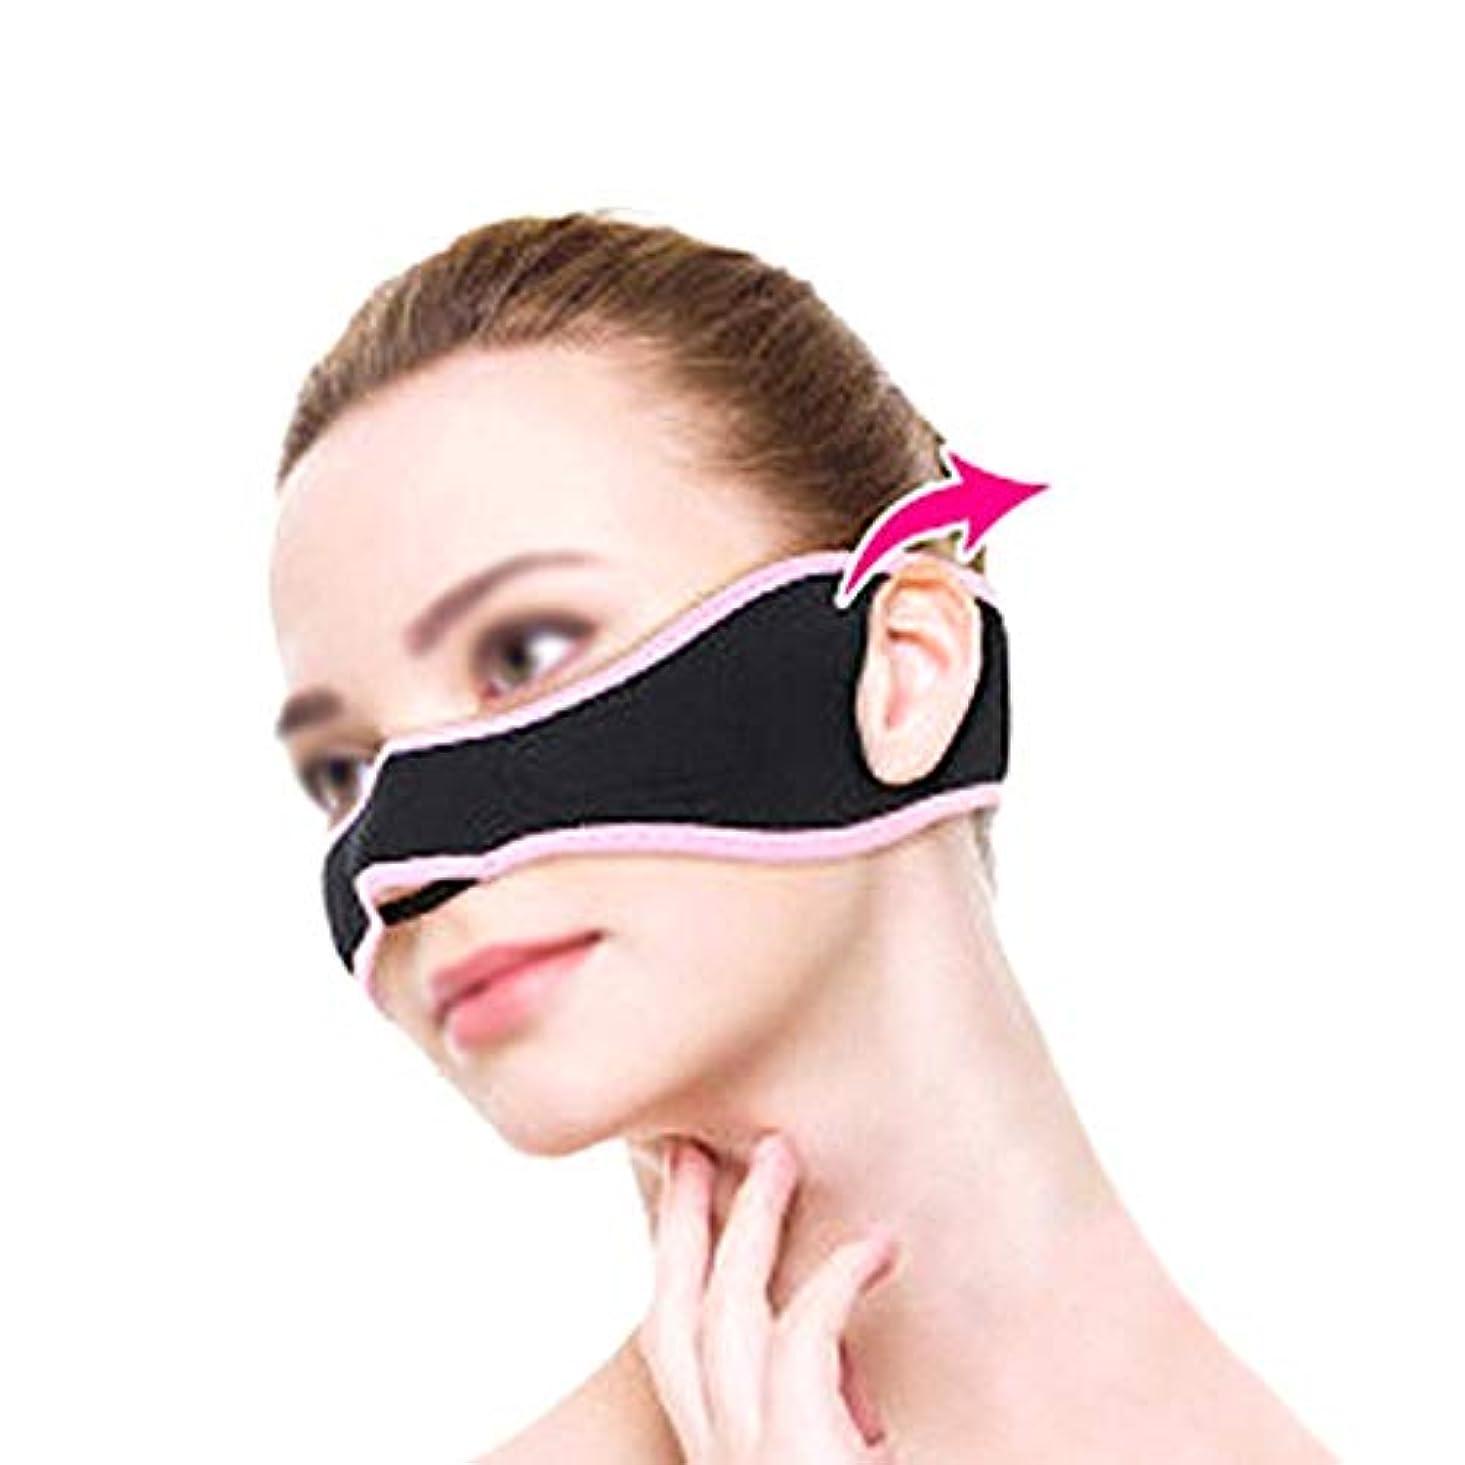 支払いクスコスケジュールXHLMRMJ フェイスリフティングマスク、チークリフトアップマスク、薄くて薄い顔、顔の筋肉を引き締めて持ち上げ、持ち運びが簡単で、男性と女性の両方が使用できます